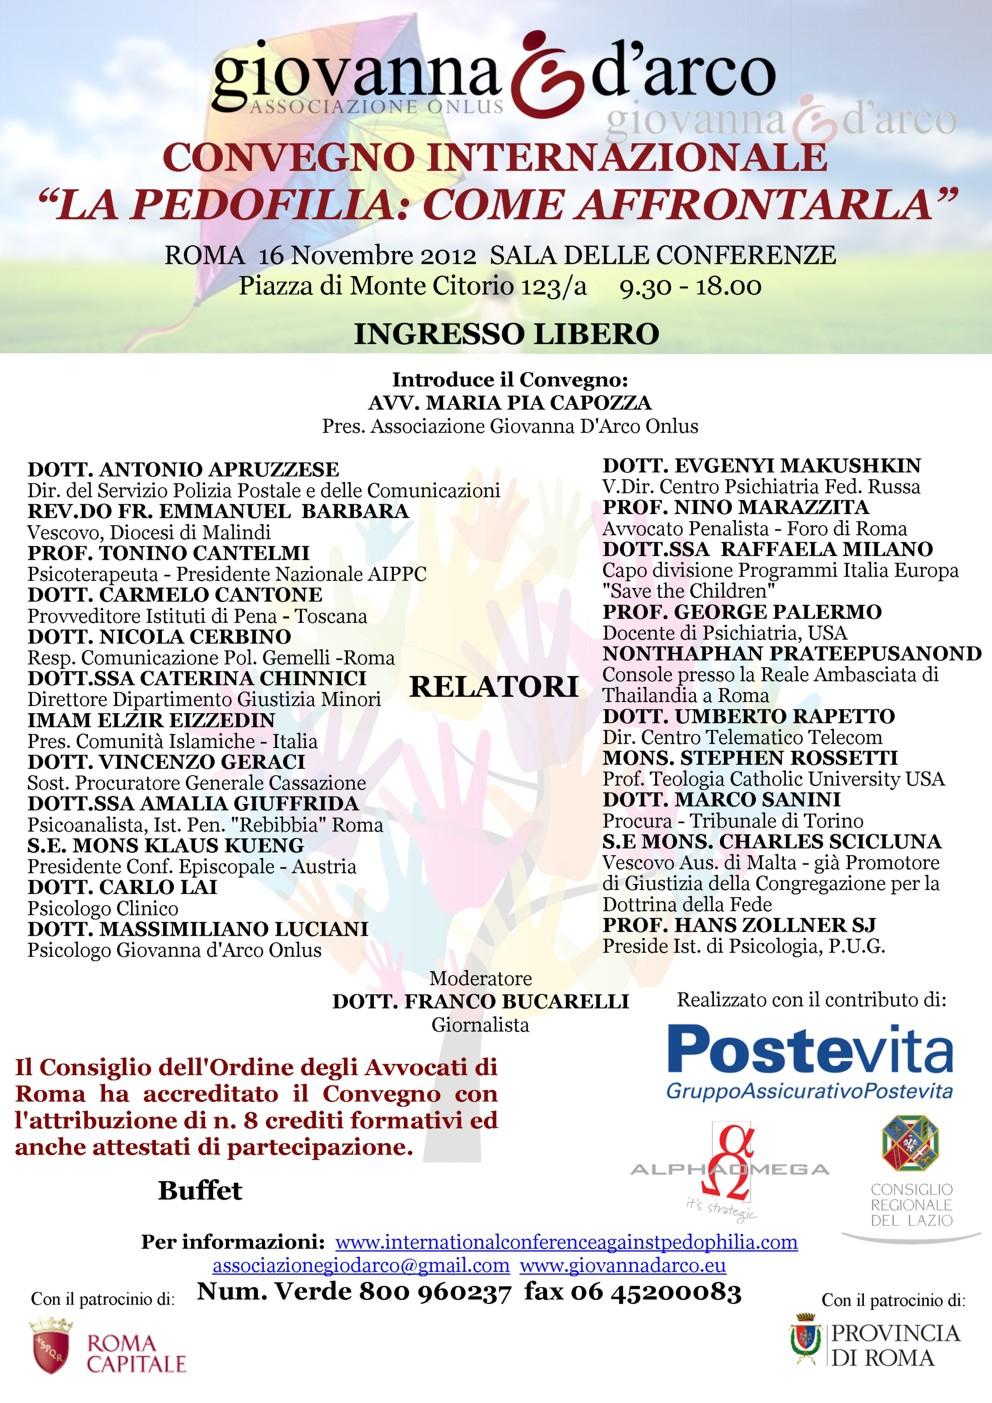 Convegno internazionale Pedofilia, Relatore Tonino Cantelmi